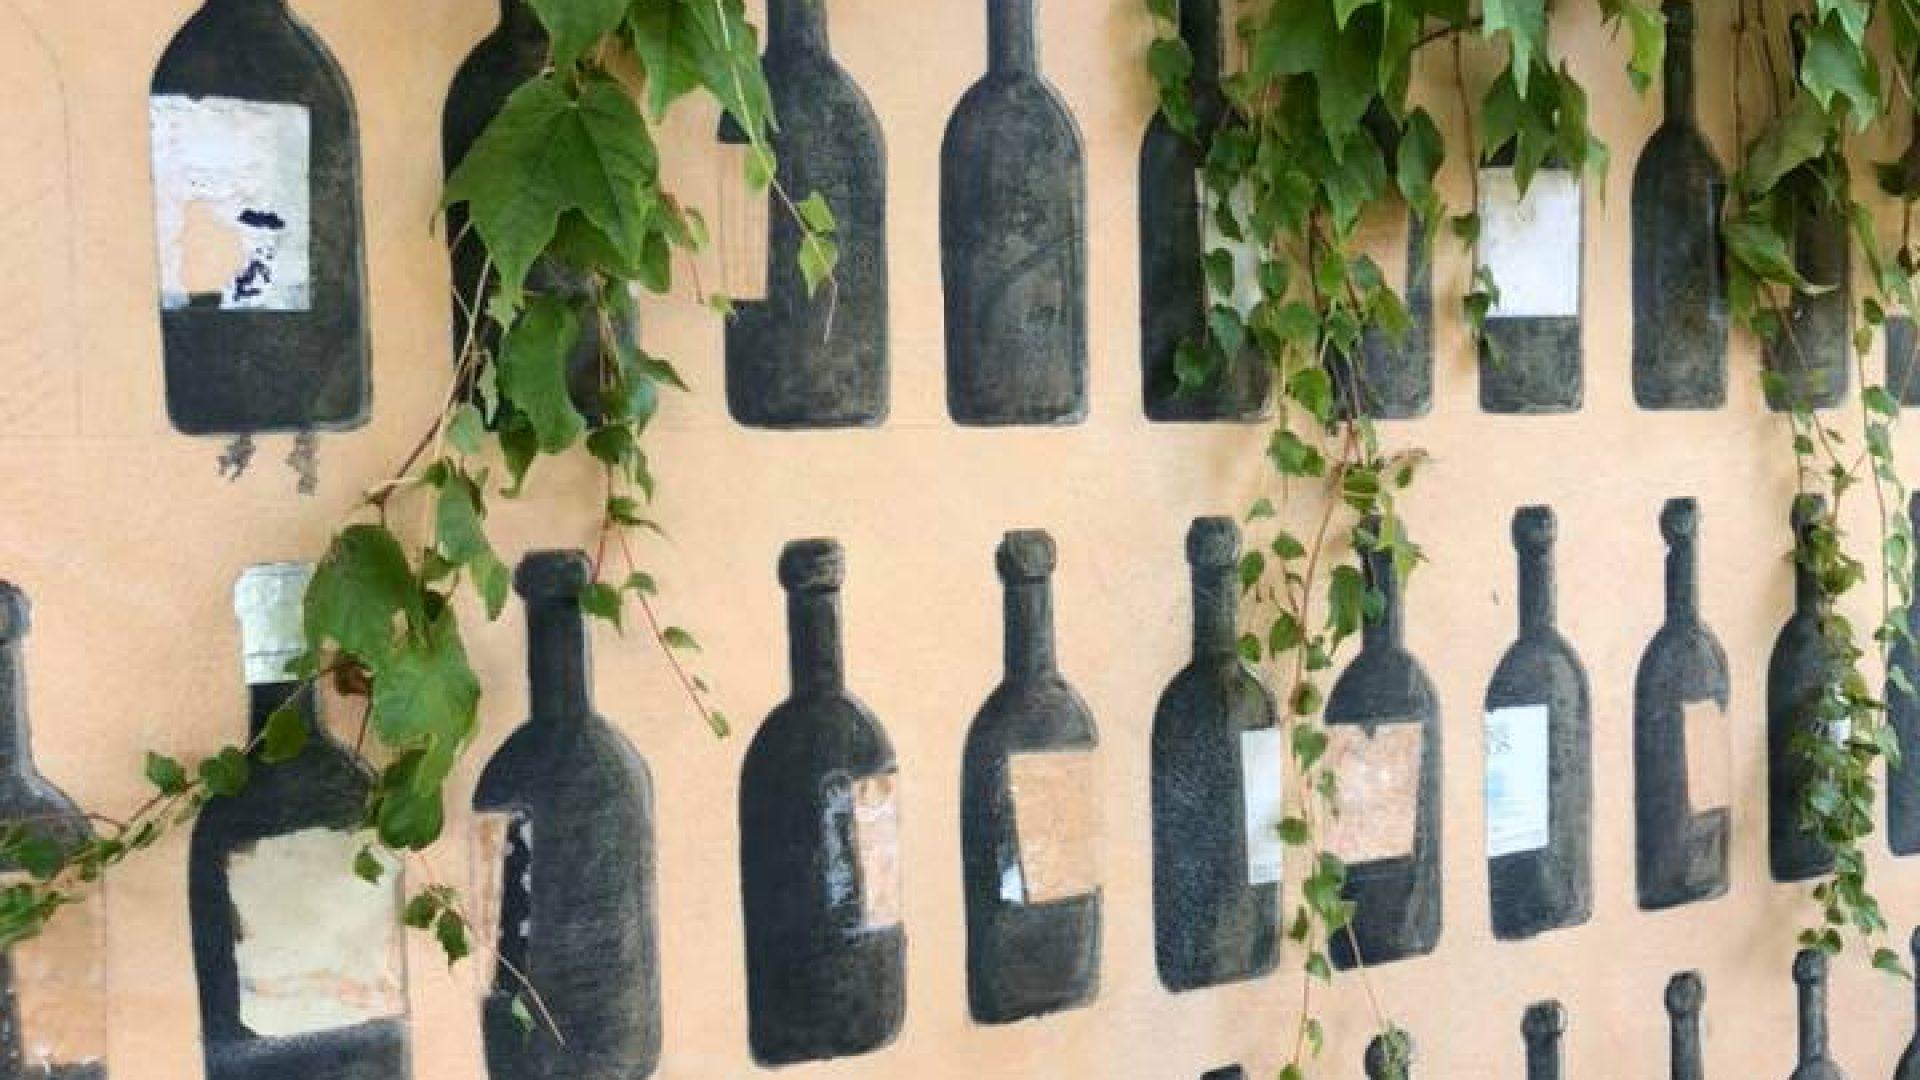 vinflasker på vegg